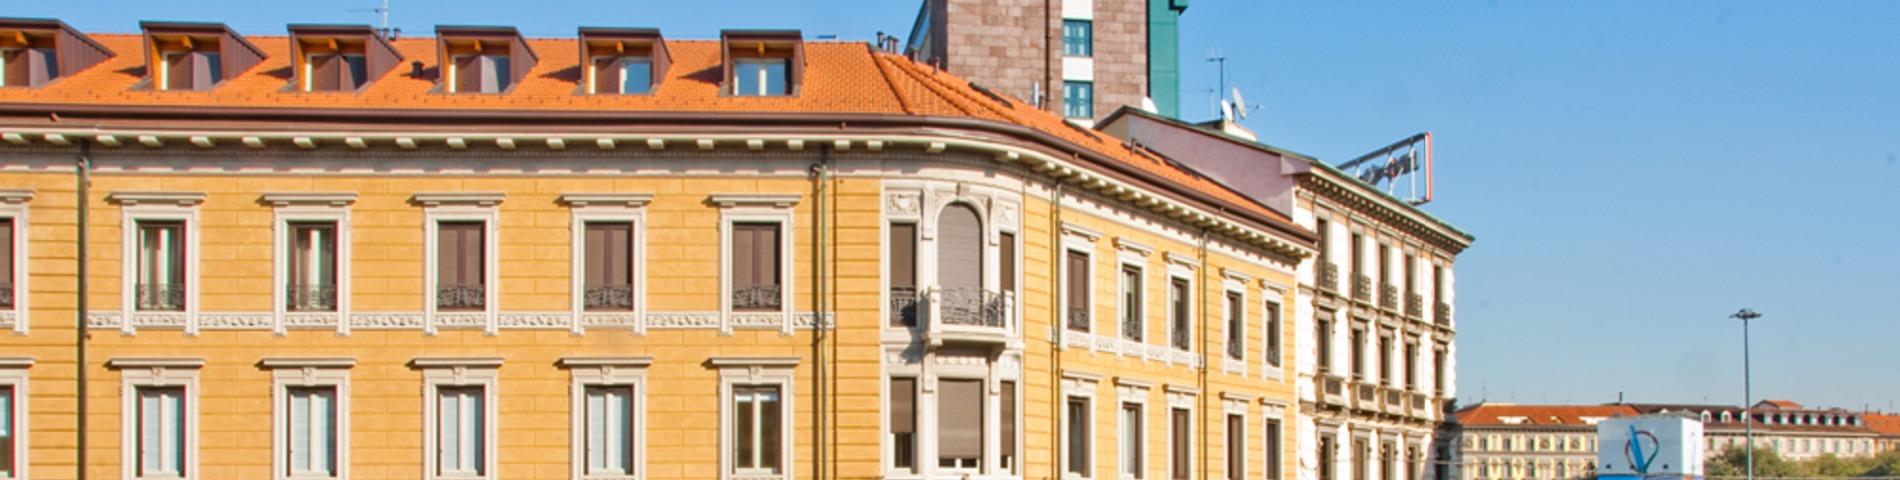 Istituto Dante Alighieri bild 1